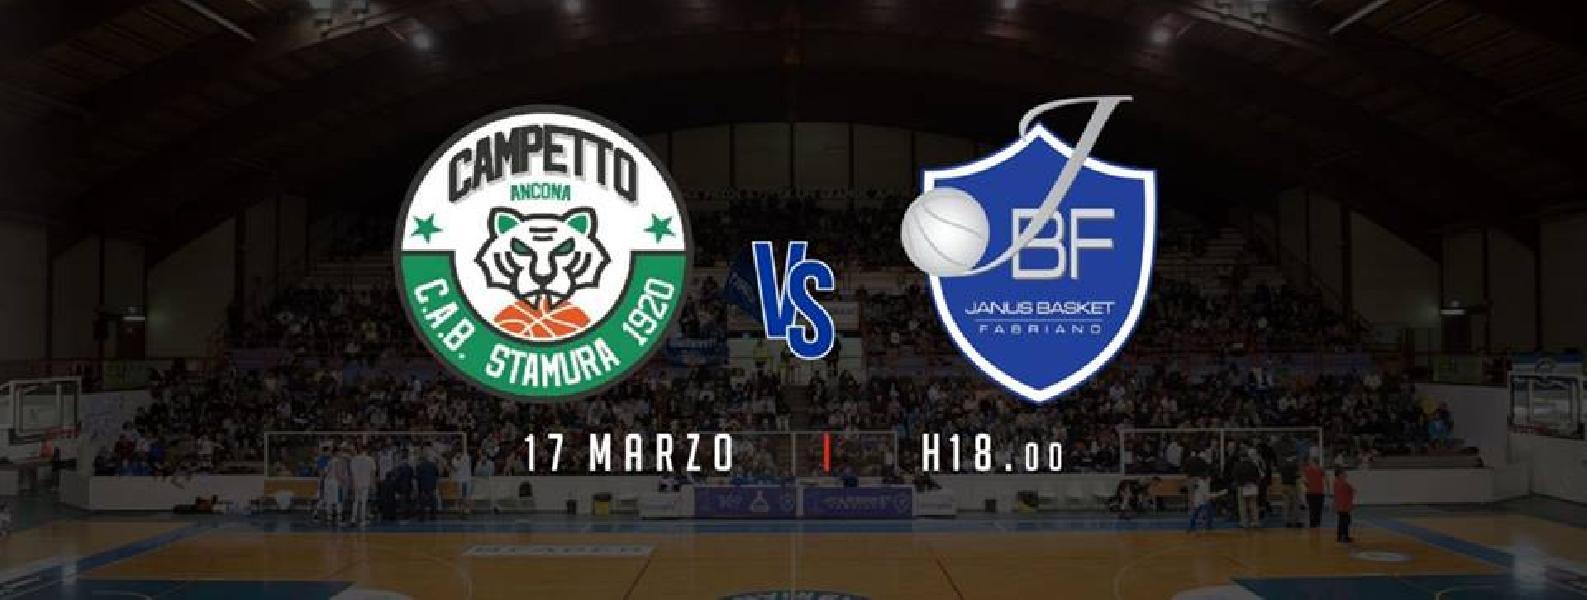 https://www.basketmarche.it/immagini_articoli/16-03-2019/campetto-ancona-janus-fabriano-derby-entrambe-giocano-tanto-600.jpg